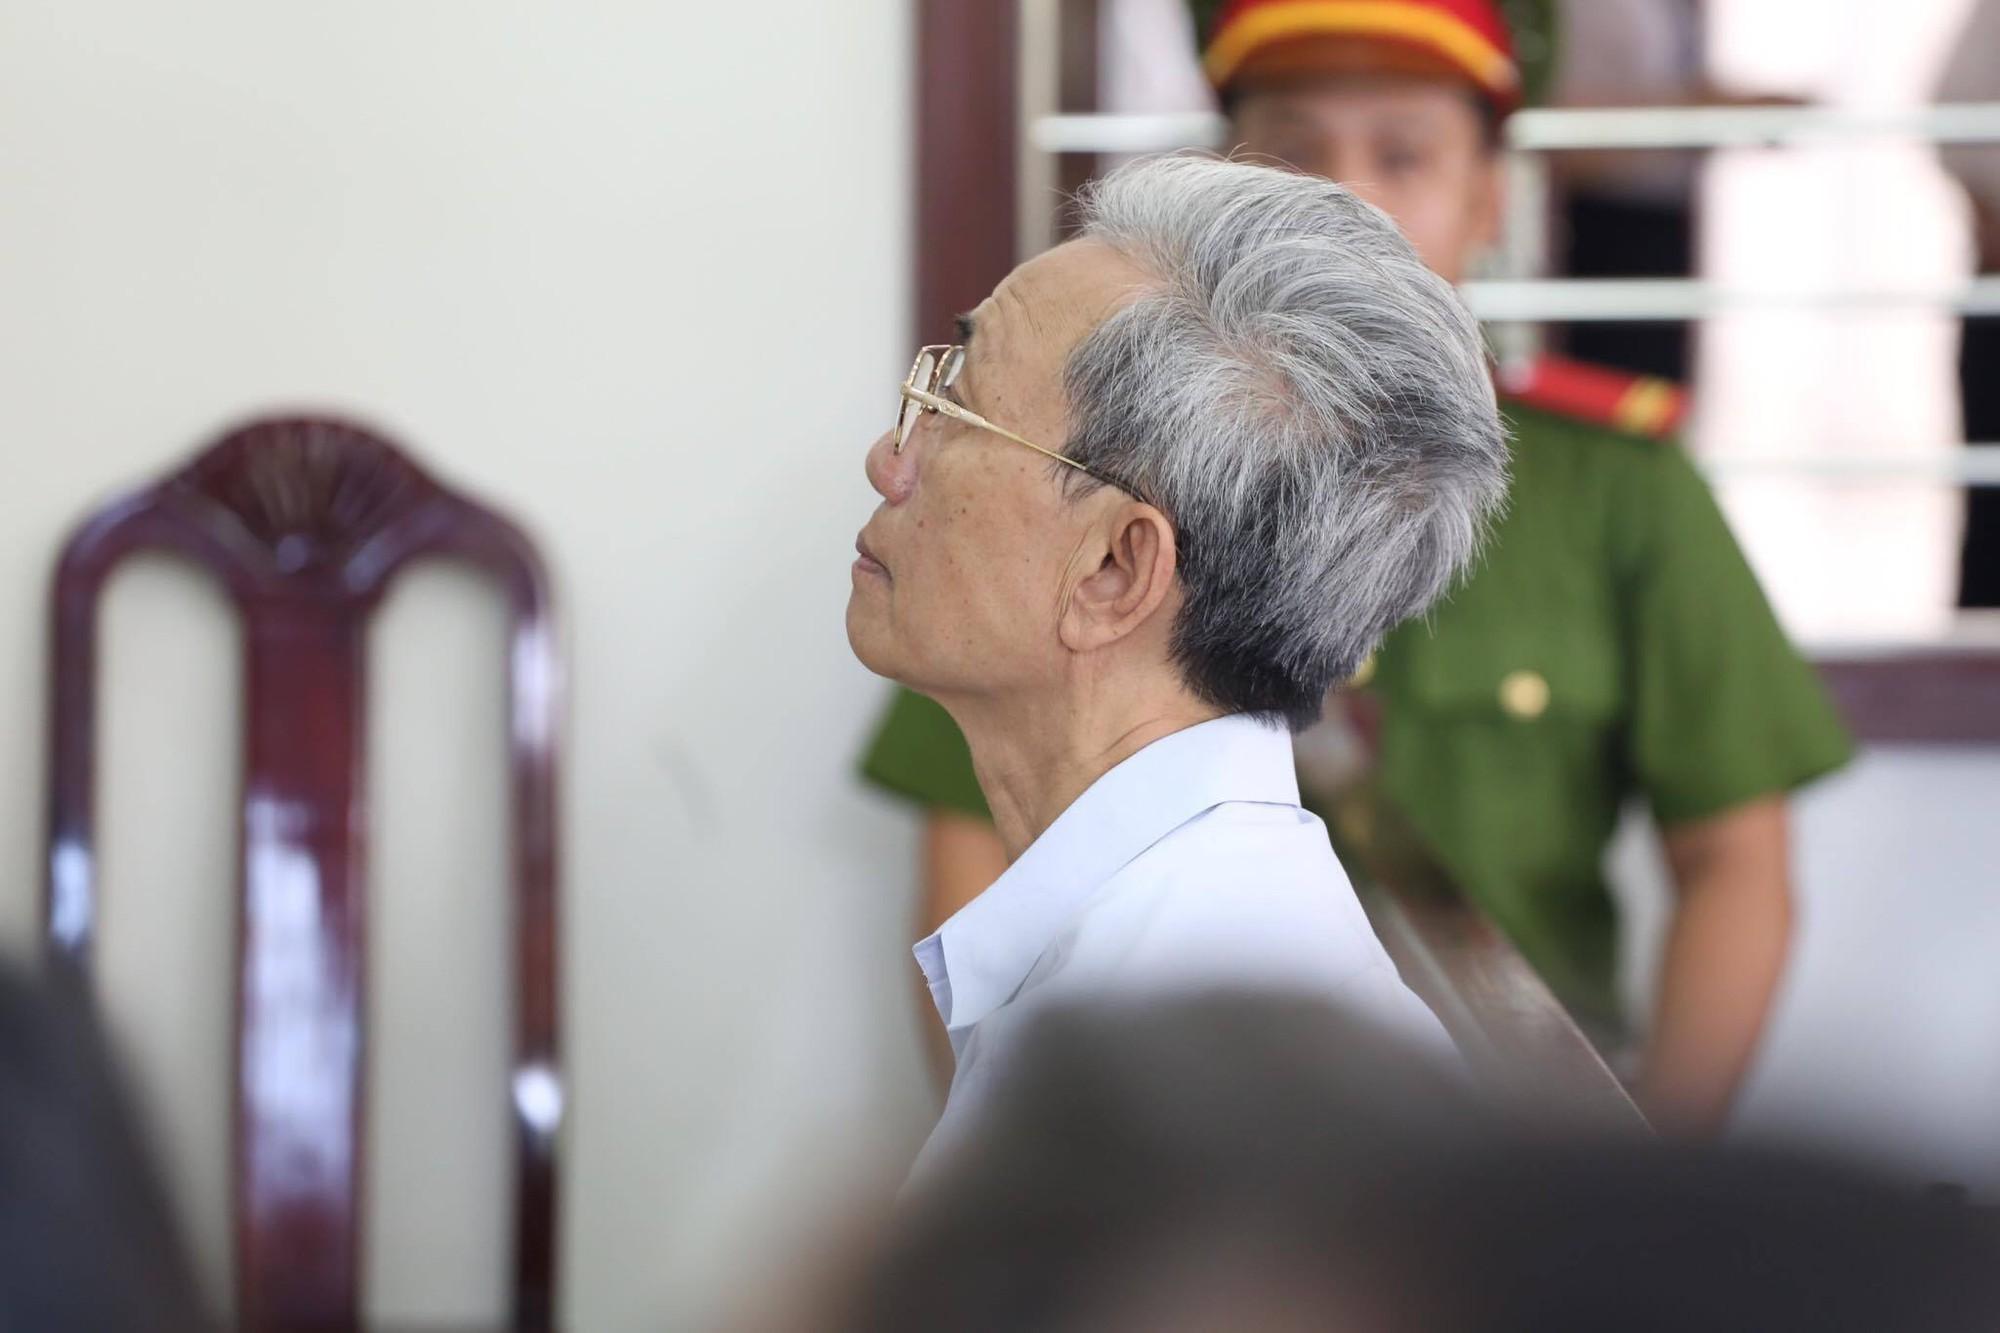 Huỷ bản án treo, tuyên phạt 3 năm tù giam đối với bị cáo 77 tuổi dâm ô trẻ em ở Vũng Tàu - Ảnh 1.